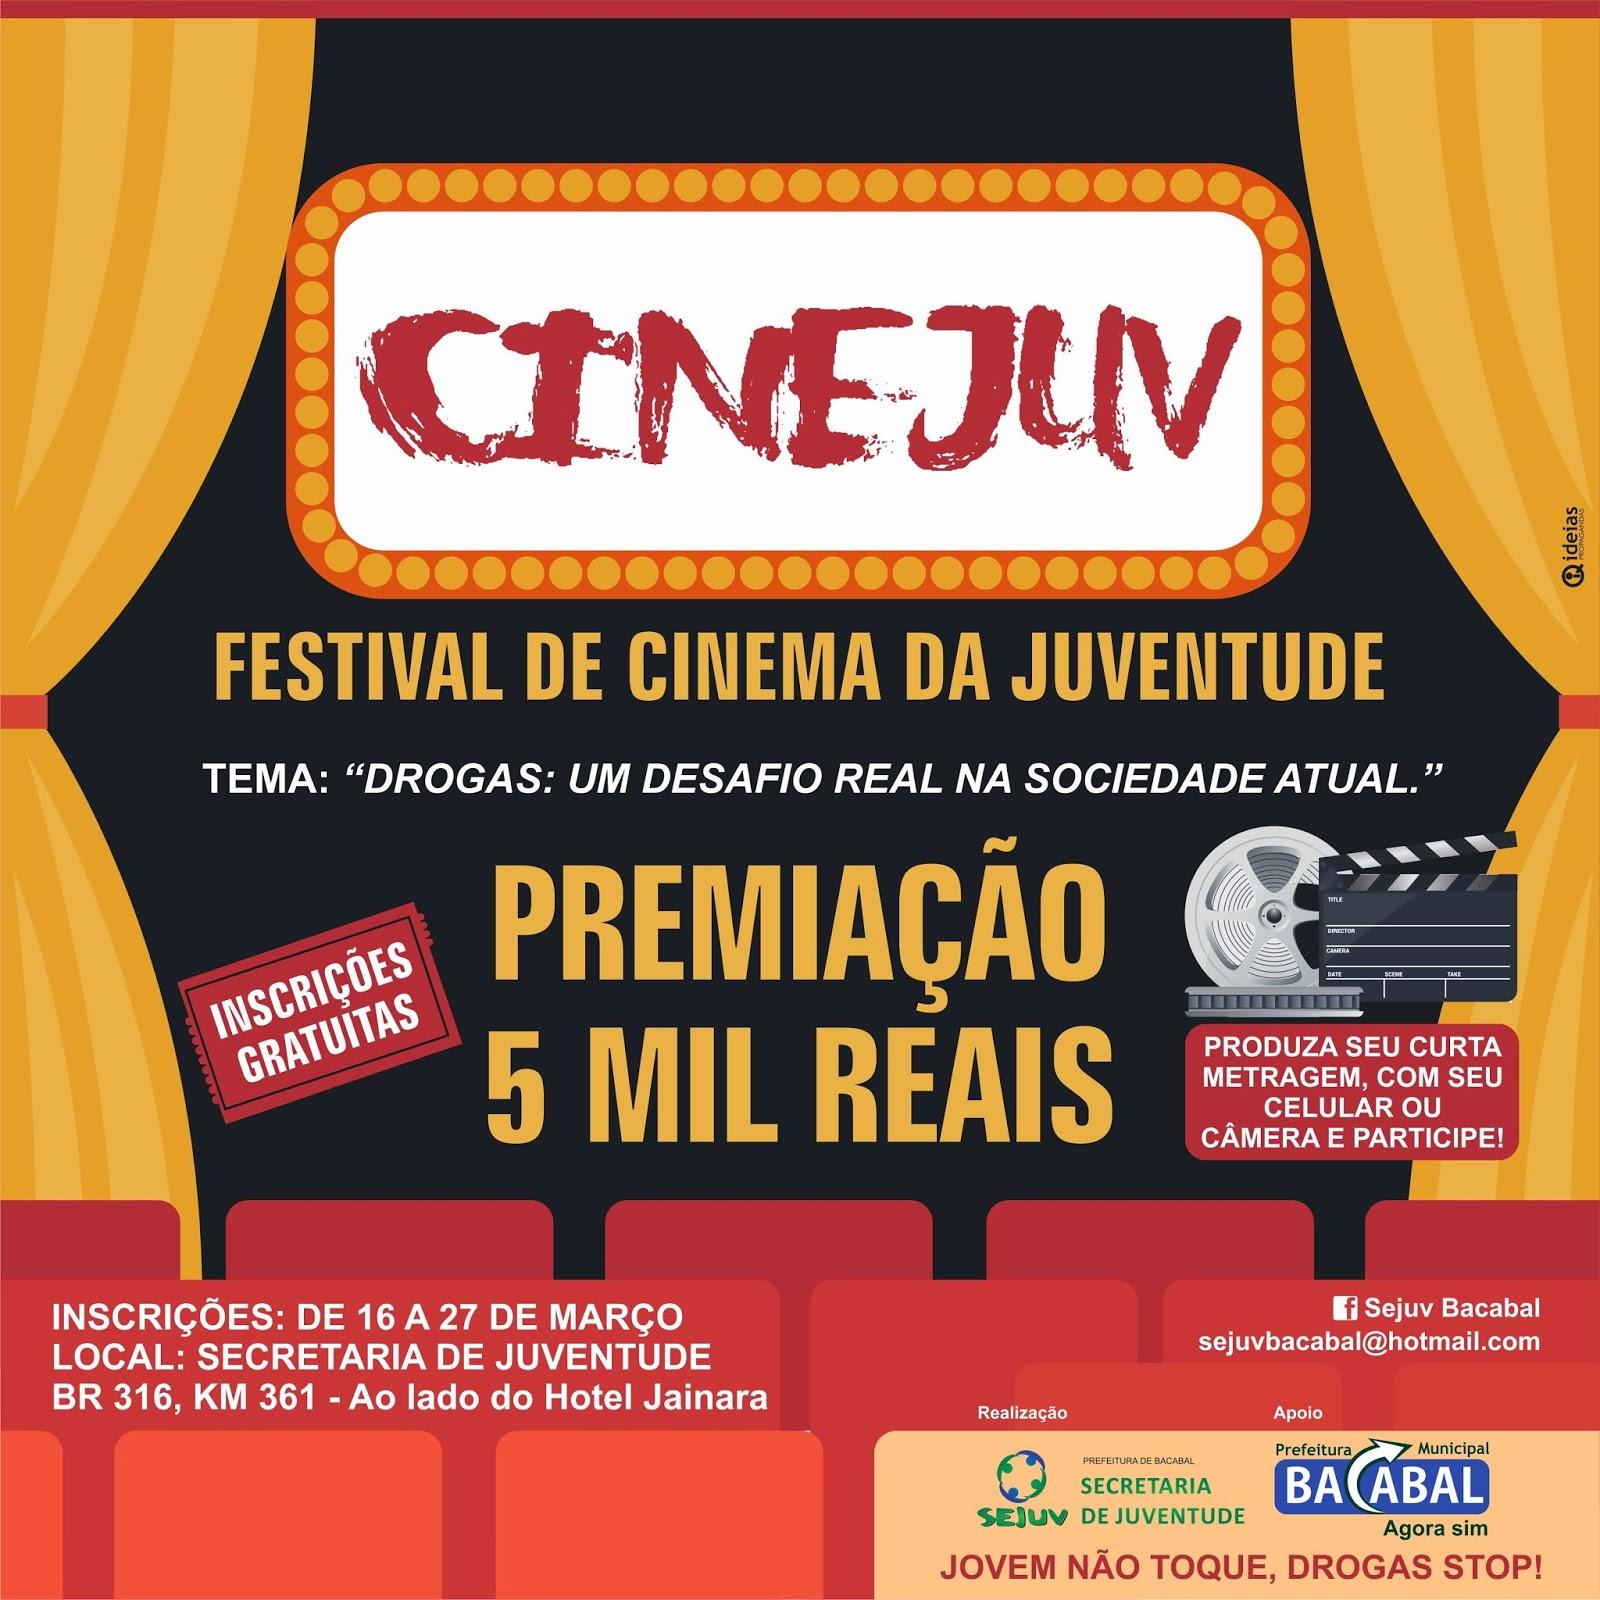 Inscrições para o CINEJUV Bacabal 2015 com premiação total de R$ 5 mil – Festival de Cinema da Juventude